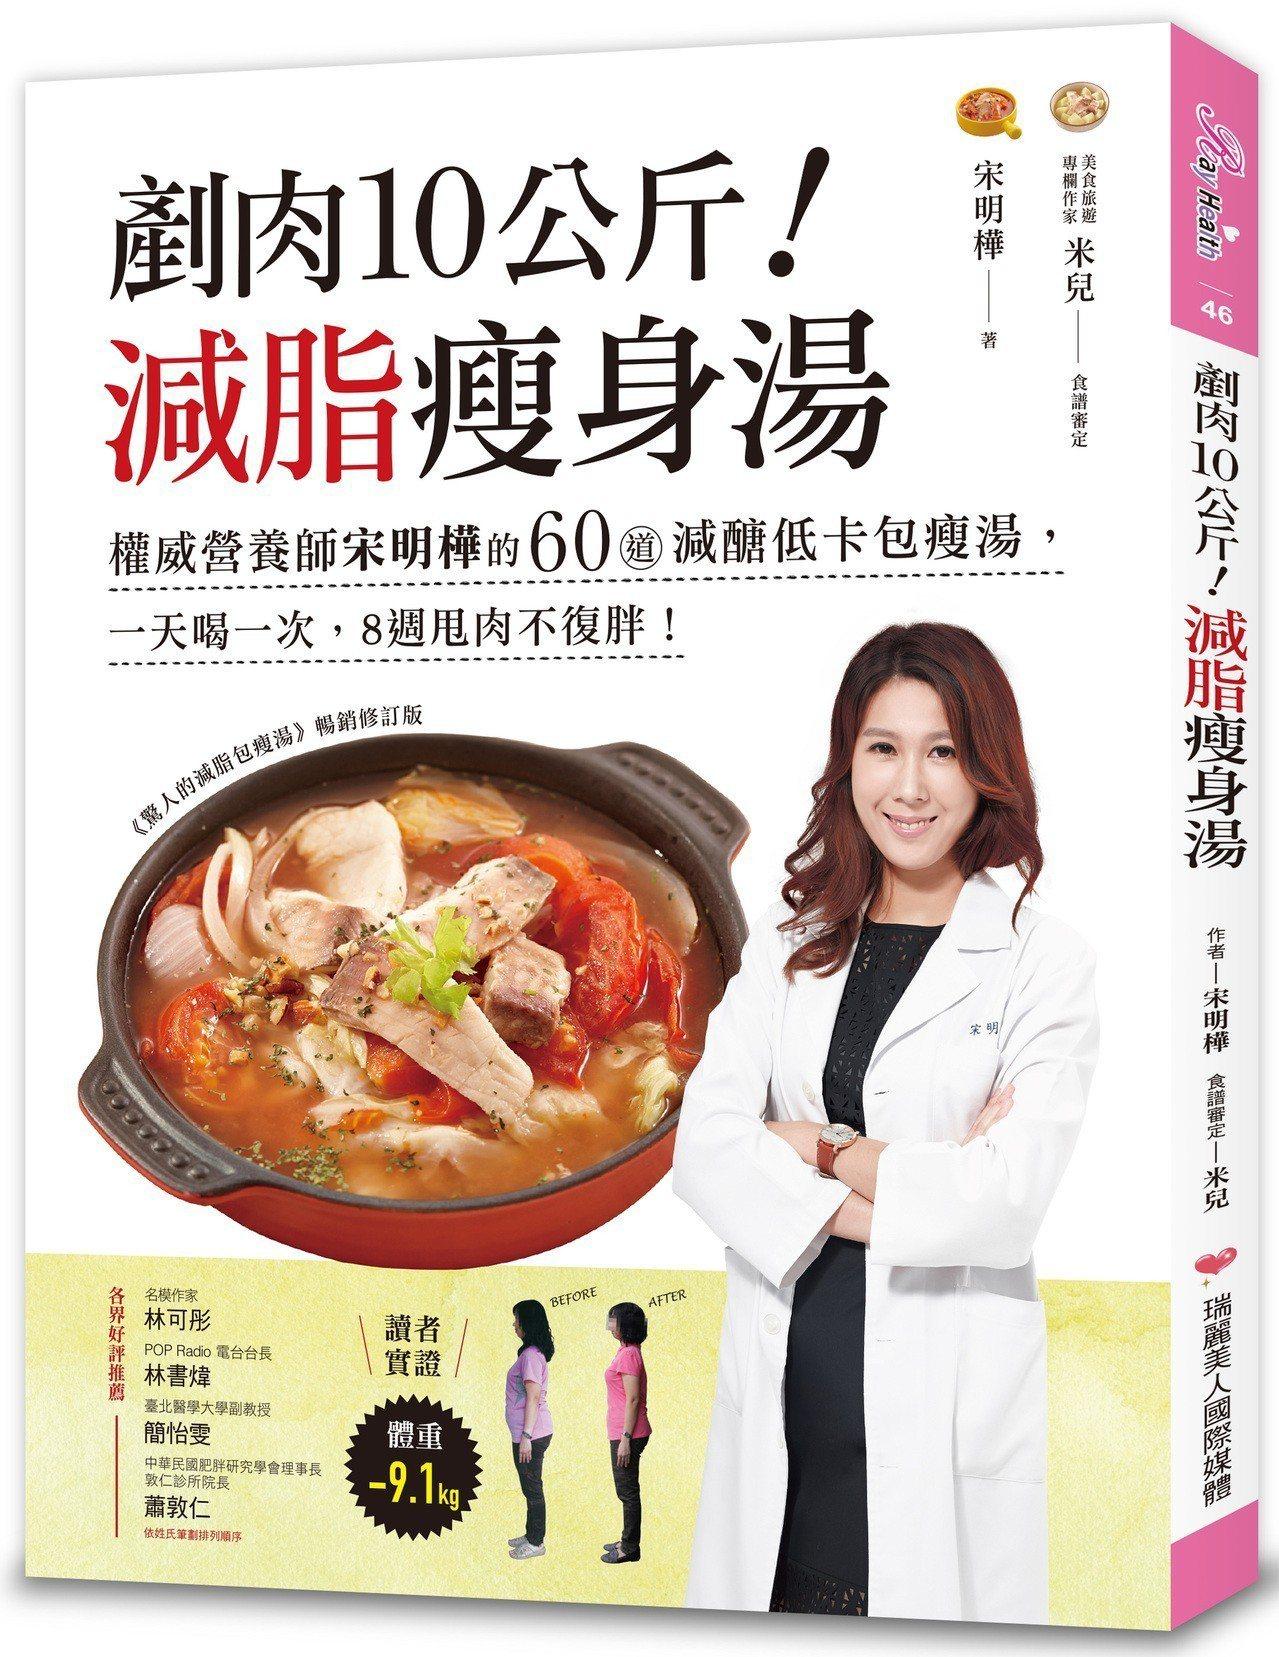 ●書名:剷肉10公斤!減脂瘦身湯:權威營養師宋明樺的60道減醣低卡包瘦湯,一...